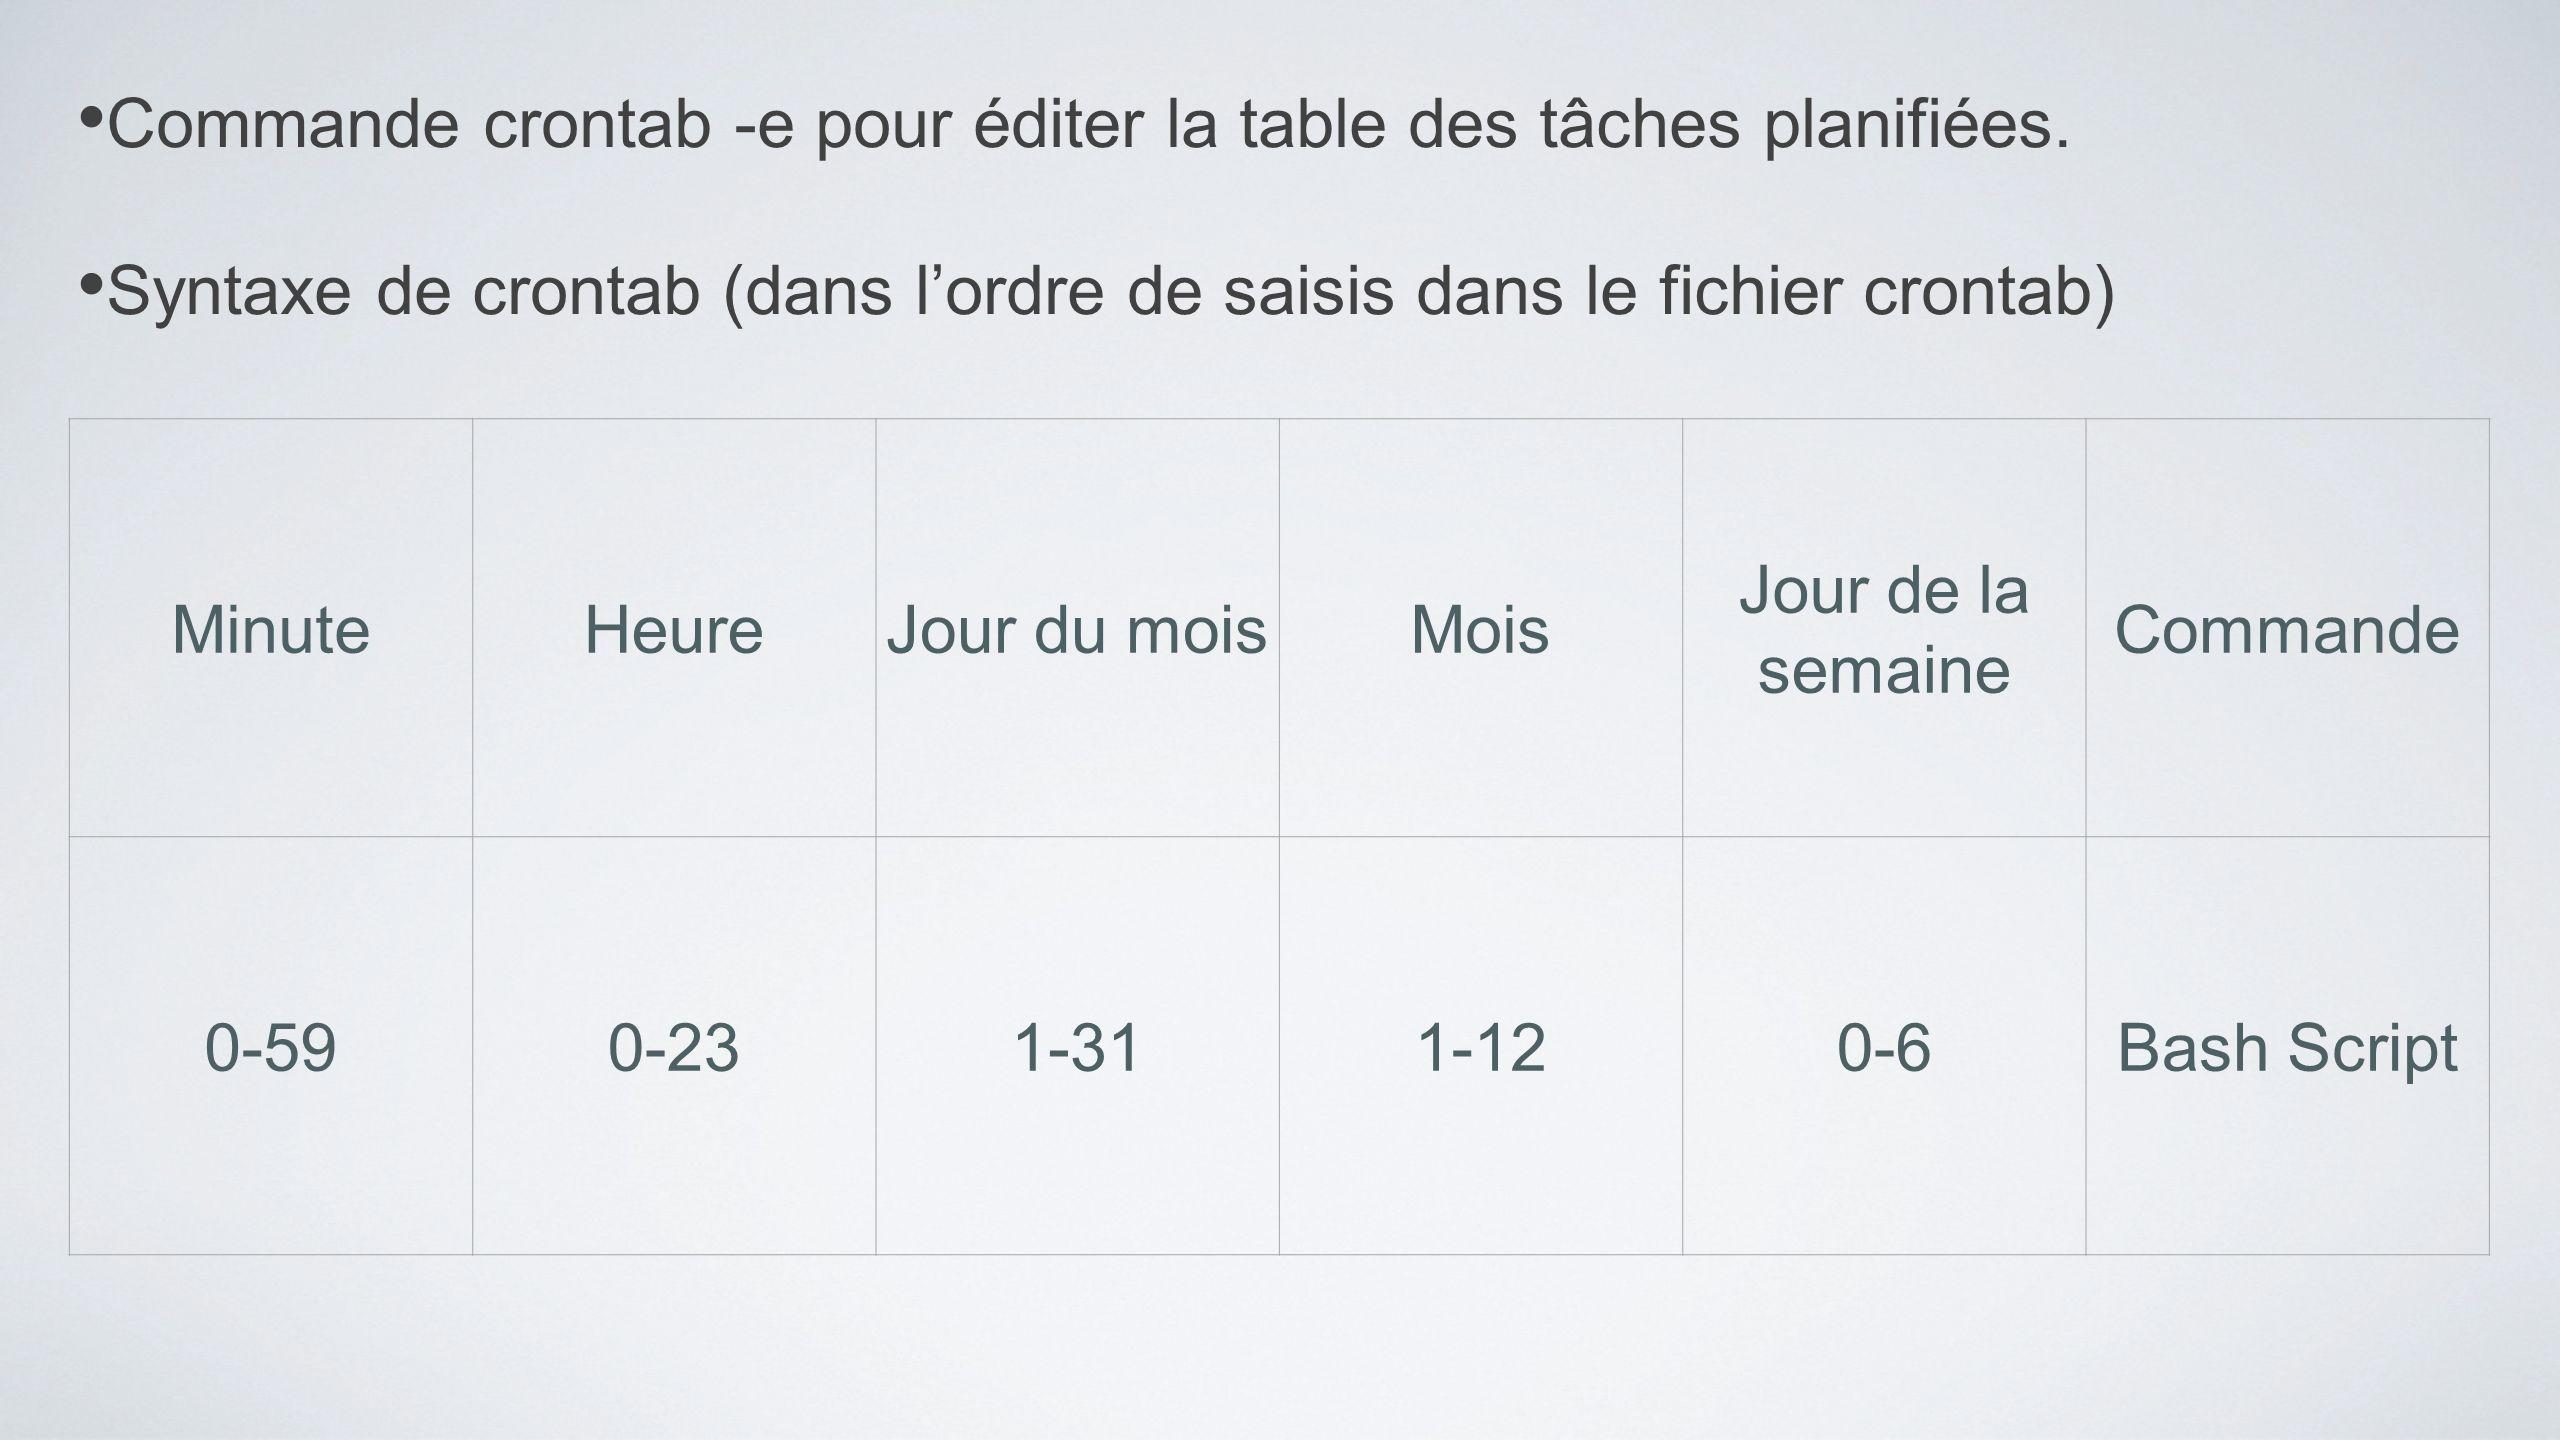 Commande crontab -e pour éditer la table des tâches planifiées. Syntaxe de crontab (dans lordre de saisis dans le fichier crontab) MinuteHeureJour du